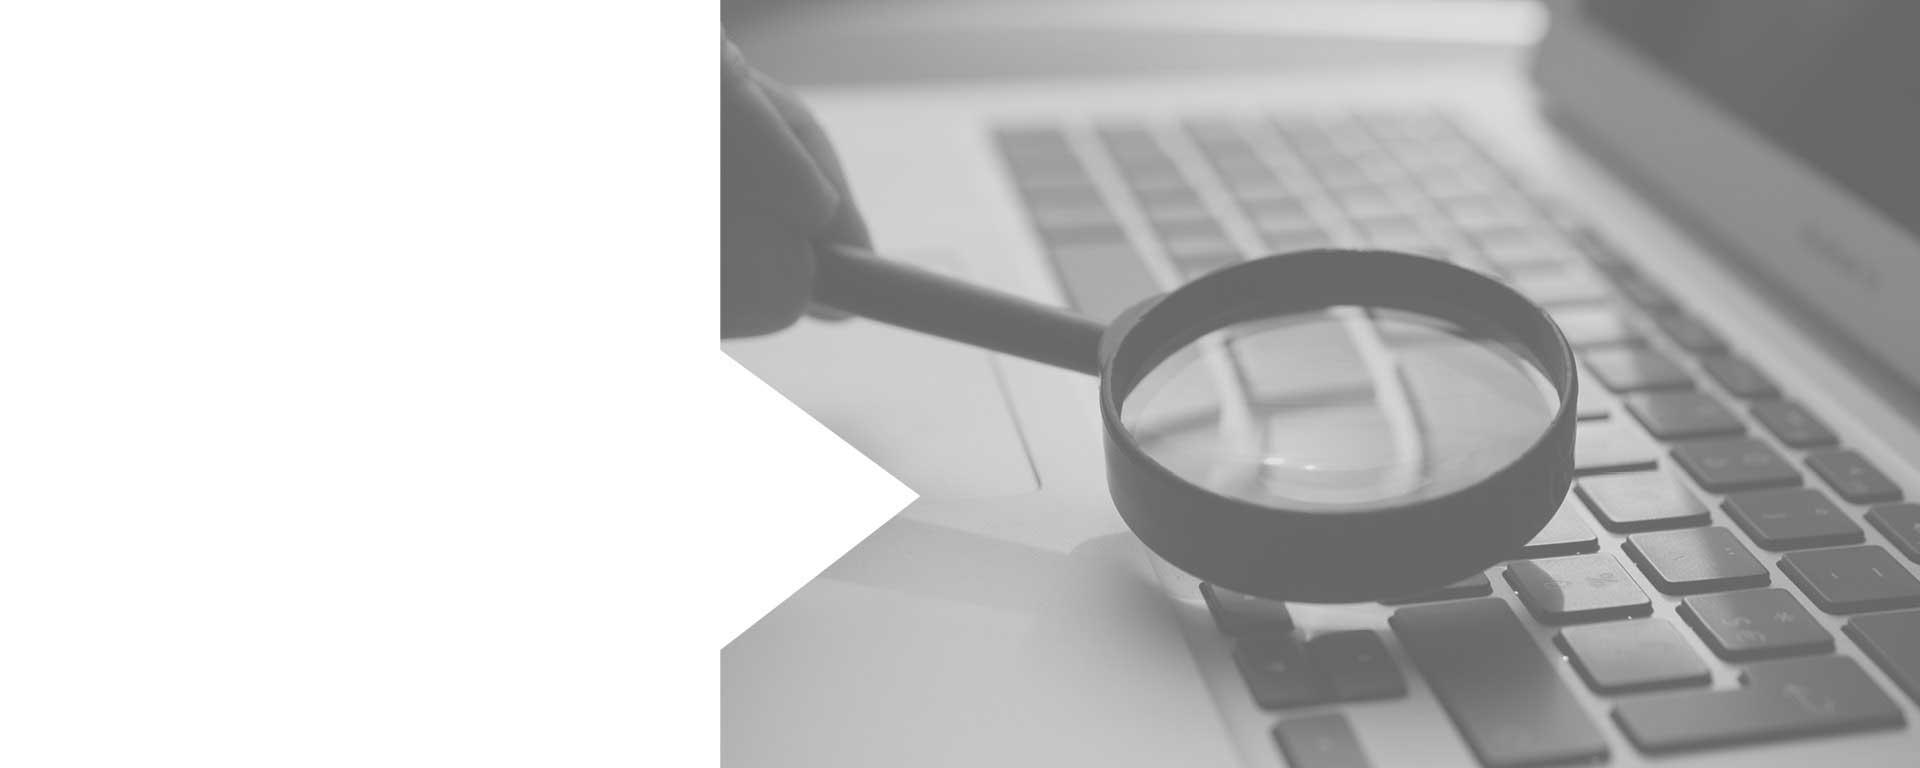 SEO Weboptimierung Sichtbarkeit steigern